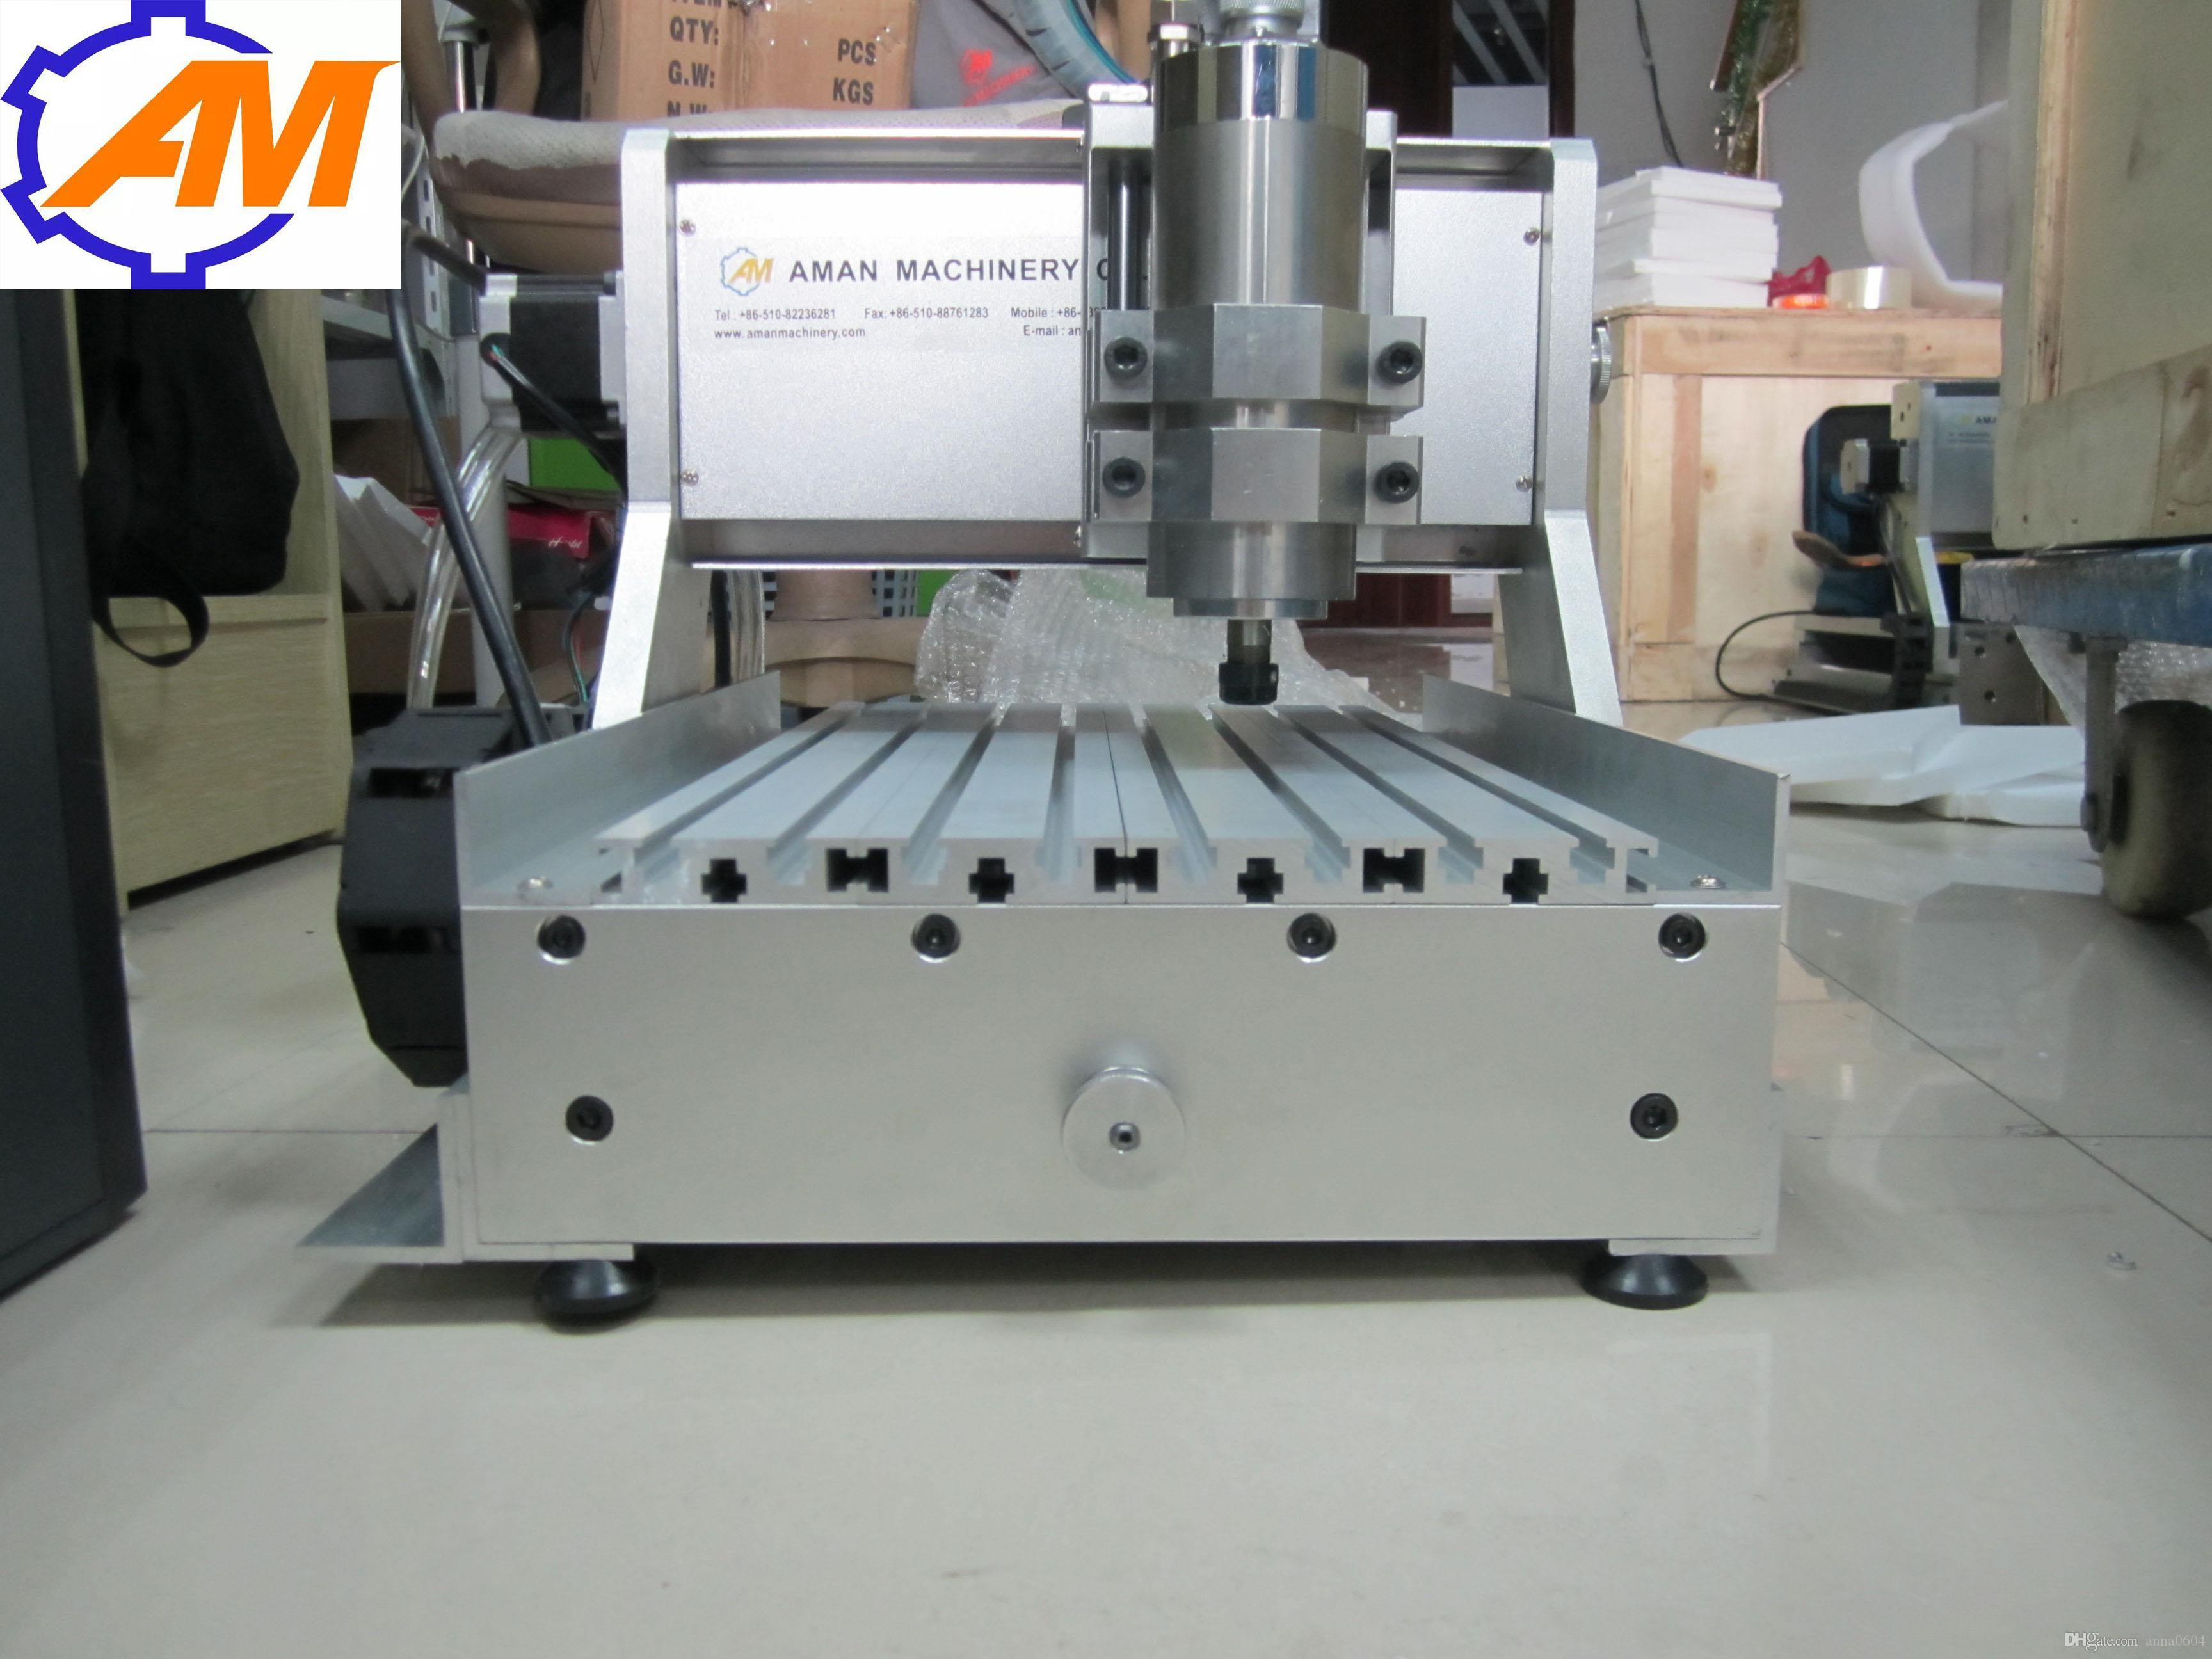 Cina cnc fresatrice, AMAN 3020 metallo macchina per incisione, fresatrice cnc, mini cnc incidere macchina, macchina cnc lavorazione del legno